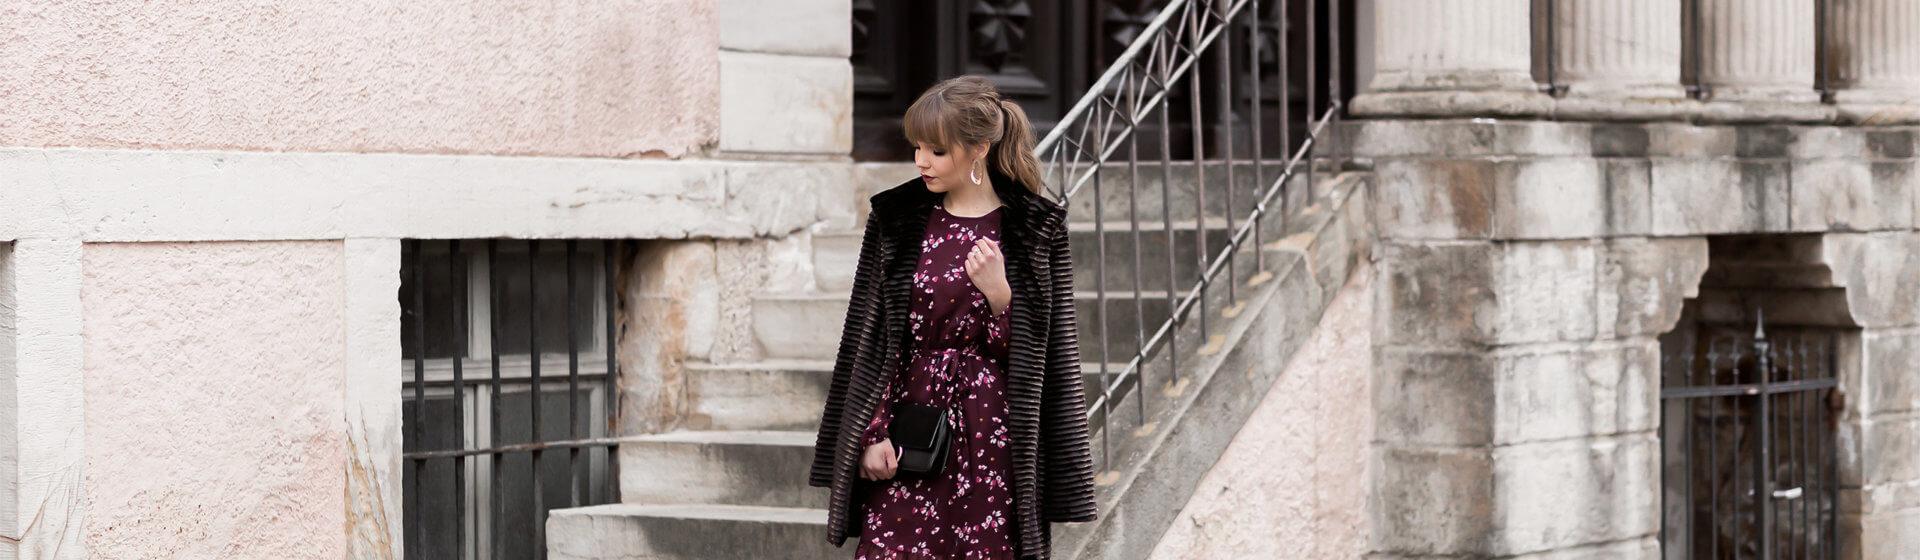 So findest du das perfekte Outfit für eine Winterhochzeit, Shoelove by Deichmann